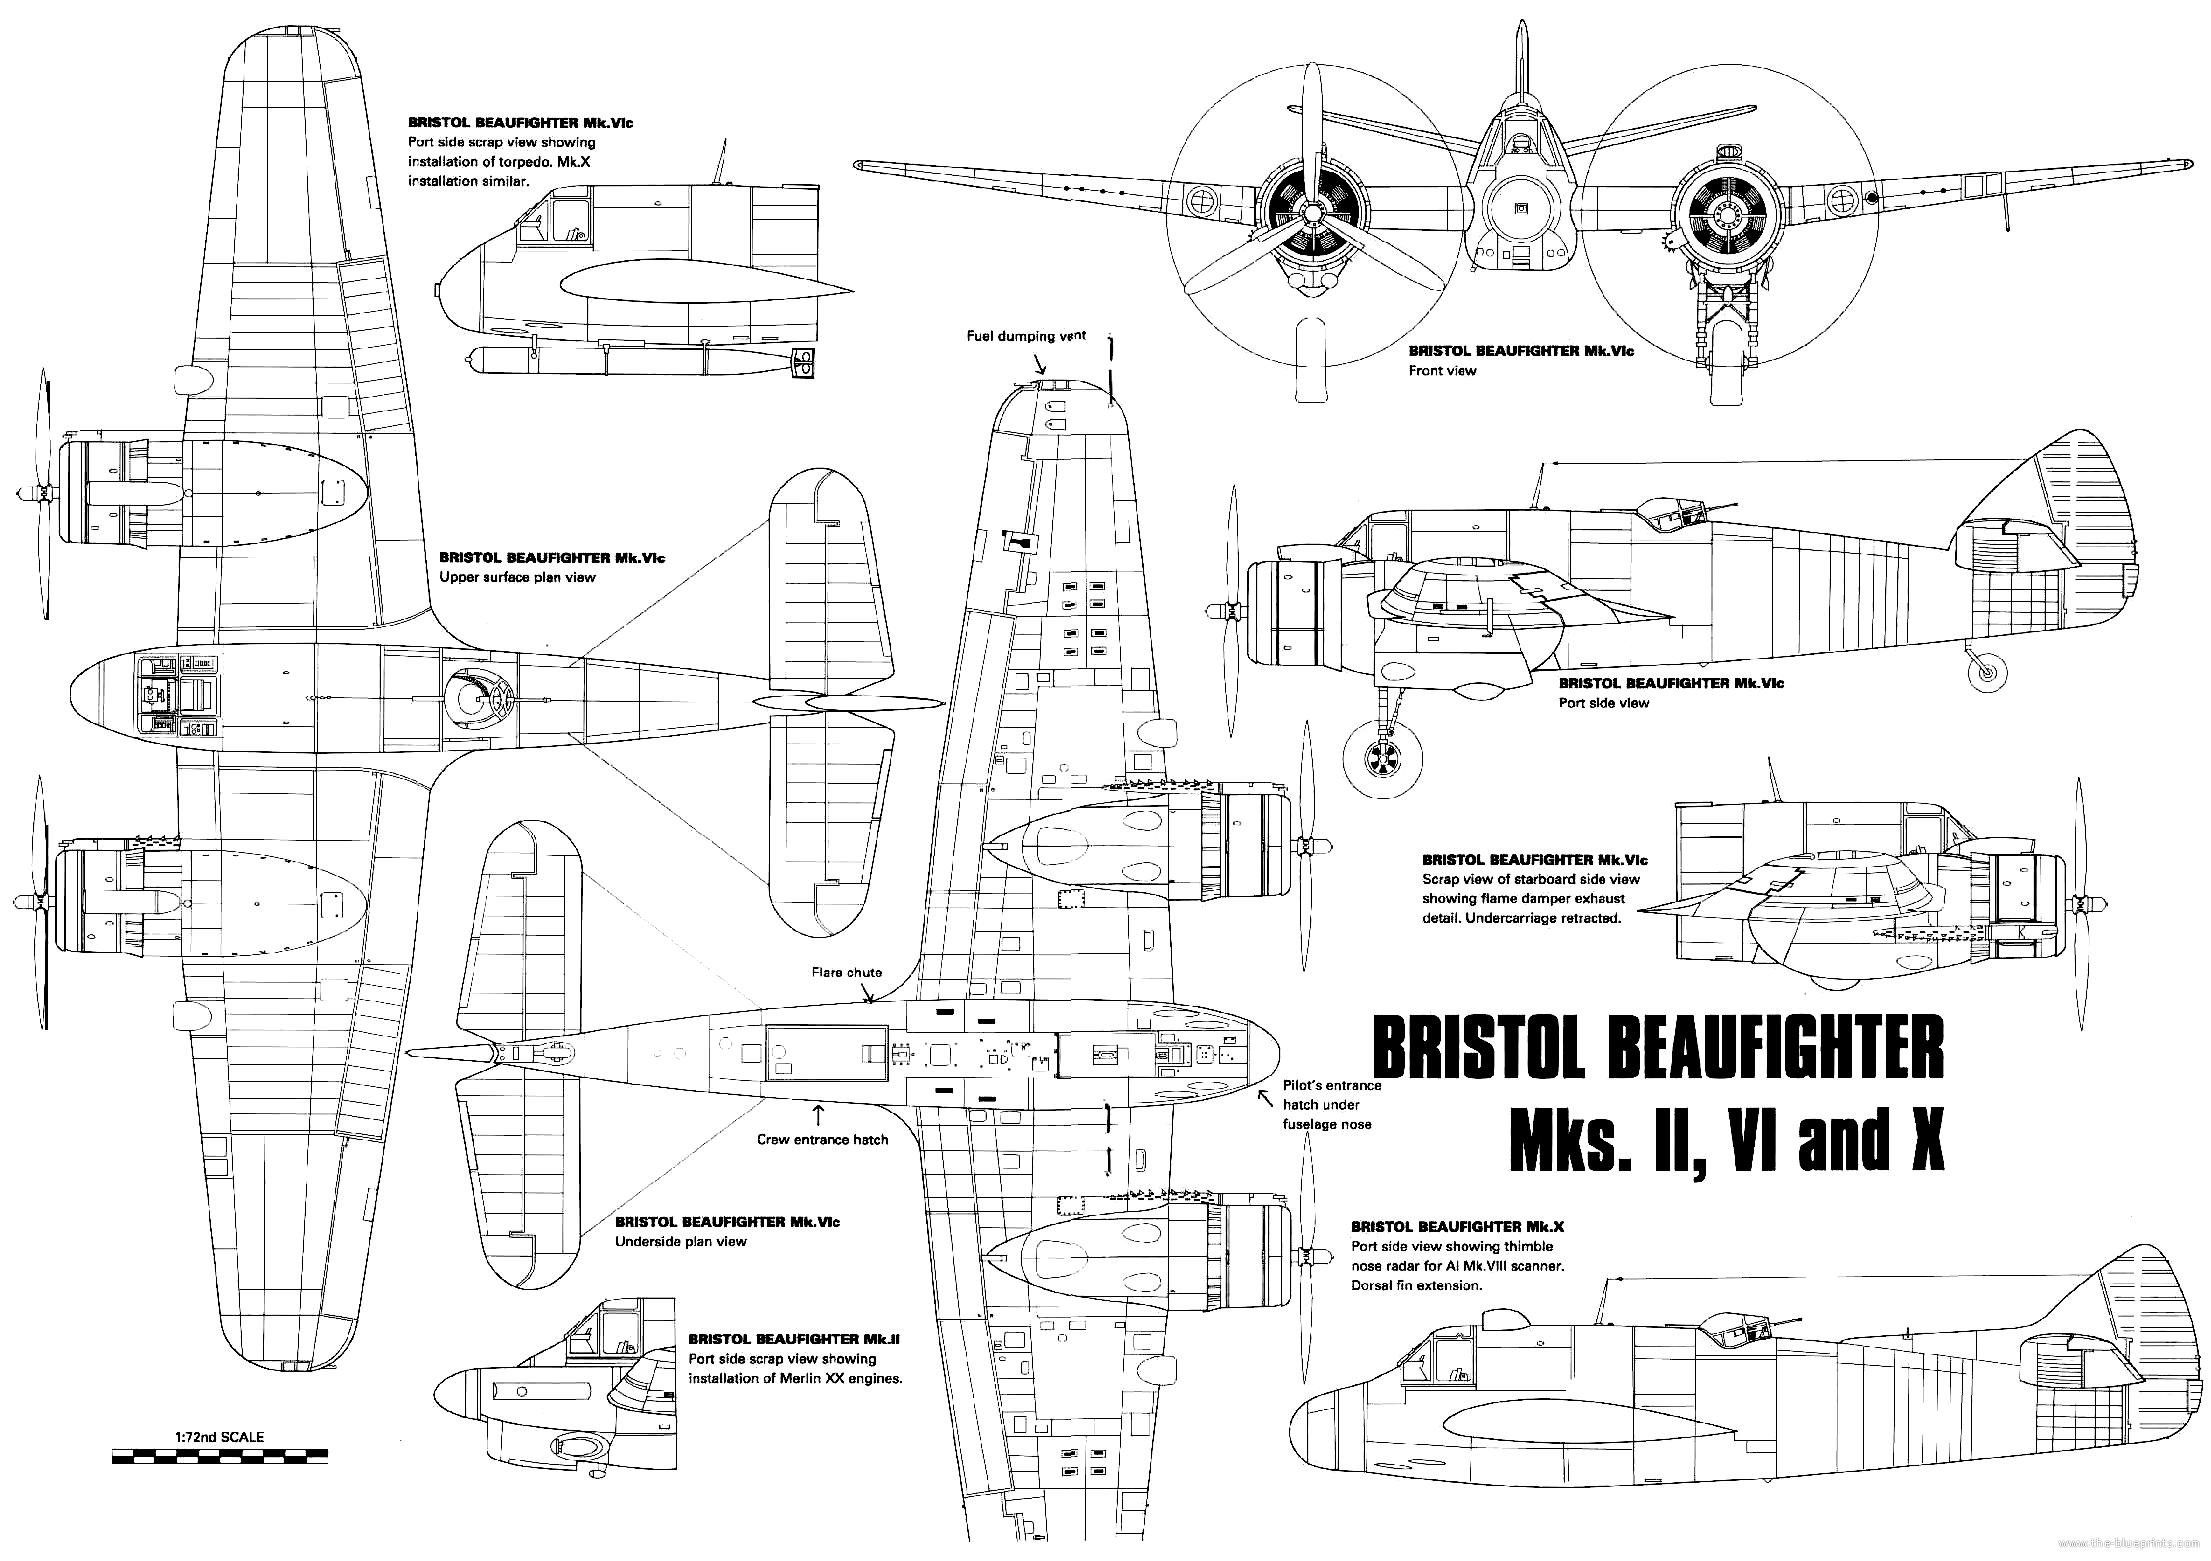 Blueprints ww2 airplanes bristol bristol beaufighter bristol beaufighter malvernweather Image collections